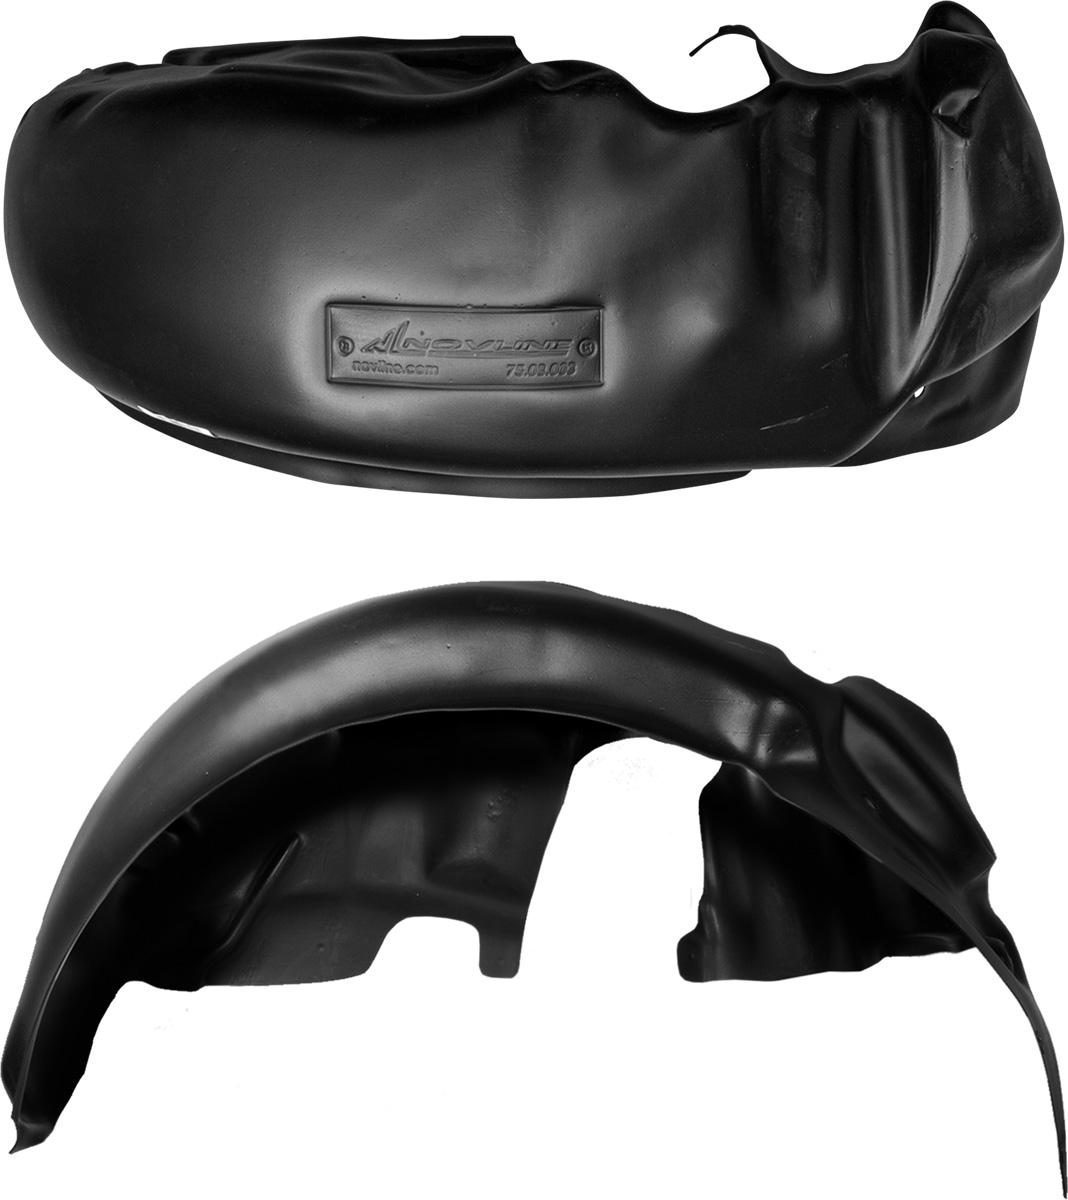 Подкрылок Novline-Autofamily, для Lada Priora, 2007 ->, передний правыйDAVC150Колесные ниши - одни из самых уязвимых зон днища вашего автомобиля. Они постоянно подвергаются воздействию со стороны дороги. Лучшая, почти абсолютная защита для них - специально отформованные пластиковые кожухи, которые называются подкрылками. Производятся они как для отечественных моделей автомобилей, так и для иномарок. Подкрылки Novline-Autofamily выполнены из высококачественного, экологически чистого пластика. Обеспечивают надежную защиту кузова автомобиля от пескоструйного эффекта и негативного влияния, агрессивных антигололедных реагентов. Пластик обладает более низкой теплопроводностью, чем металл, поэтому в зимний период эксплуатации использование пластиковых подкрылков позволяет лучше защитить колесные ниши от налипания снега и образования наледи. Оригинальность конструкции подчеркивает элегантность автомобиля, бережно защищает нанесенное на днище кузова антикоррозийное покрытие и позволяет осуществить крепление подкрылков внутри колесной арки практически без дополнительного крепежа и сверления, не нарушая при этом лакокрасочного покрытия, что предотвращает возникновение новых очагов коррозии. Подкрылки долговечны, обладают высокой прочностью и сохраняют заданную форму, а также все свои физико-механические характеристики в самых тяжелых климатических условиях (от -50°С до +50°С).Уважаемые клиенты!Обращаем ваше внимание, на тот факт, что подкрылок имеет форму, соответствующую модели данного автомобиля. Фото служит для визуального восприятия товара.